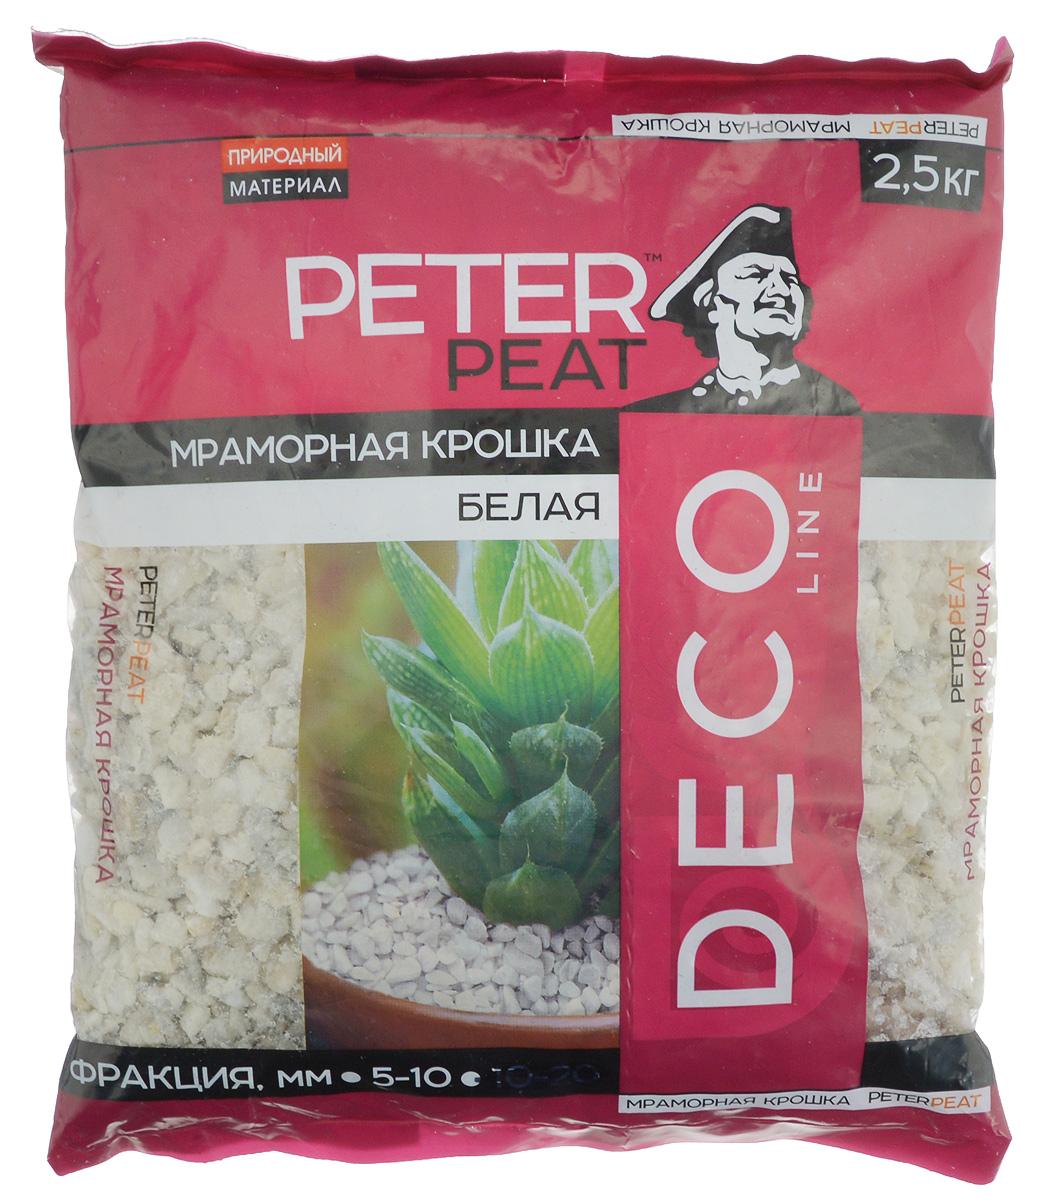 Мраморная крошка Peter Peat, мелкая, цвет: белый, 2,5 кгK100Мраморная крошка Peter Peat - универсальный сыпучий декоративный материал зернисто-кристаллической породы, получаемый дроблением природного мрамора. Применяется в ландшафтном дизайне для оформления цветников, альпийских горок, оригинальных клумб, засыпки тропинок и создания композиций. Мраморная крошка обладает фильтрующими свойствами и отличается своей долговечностью.